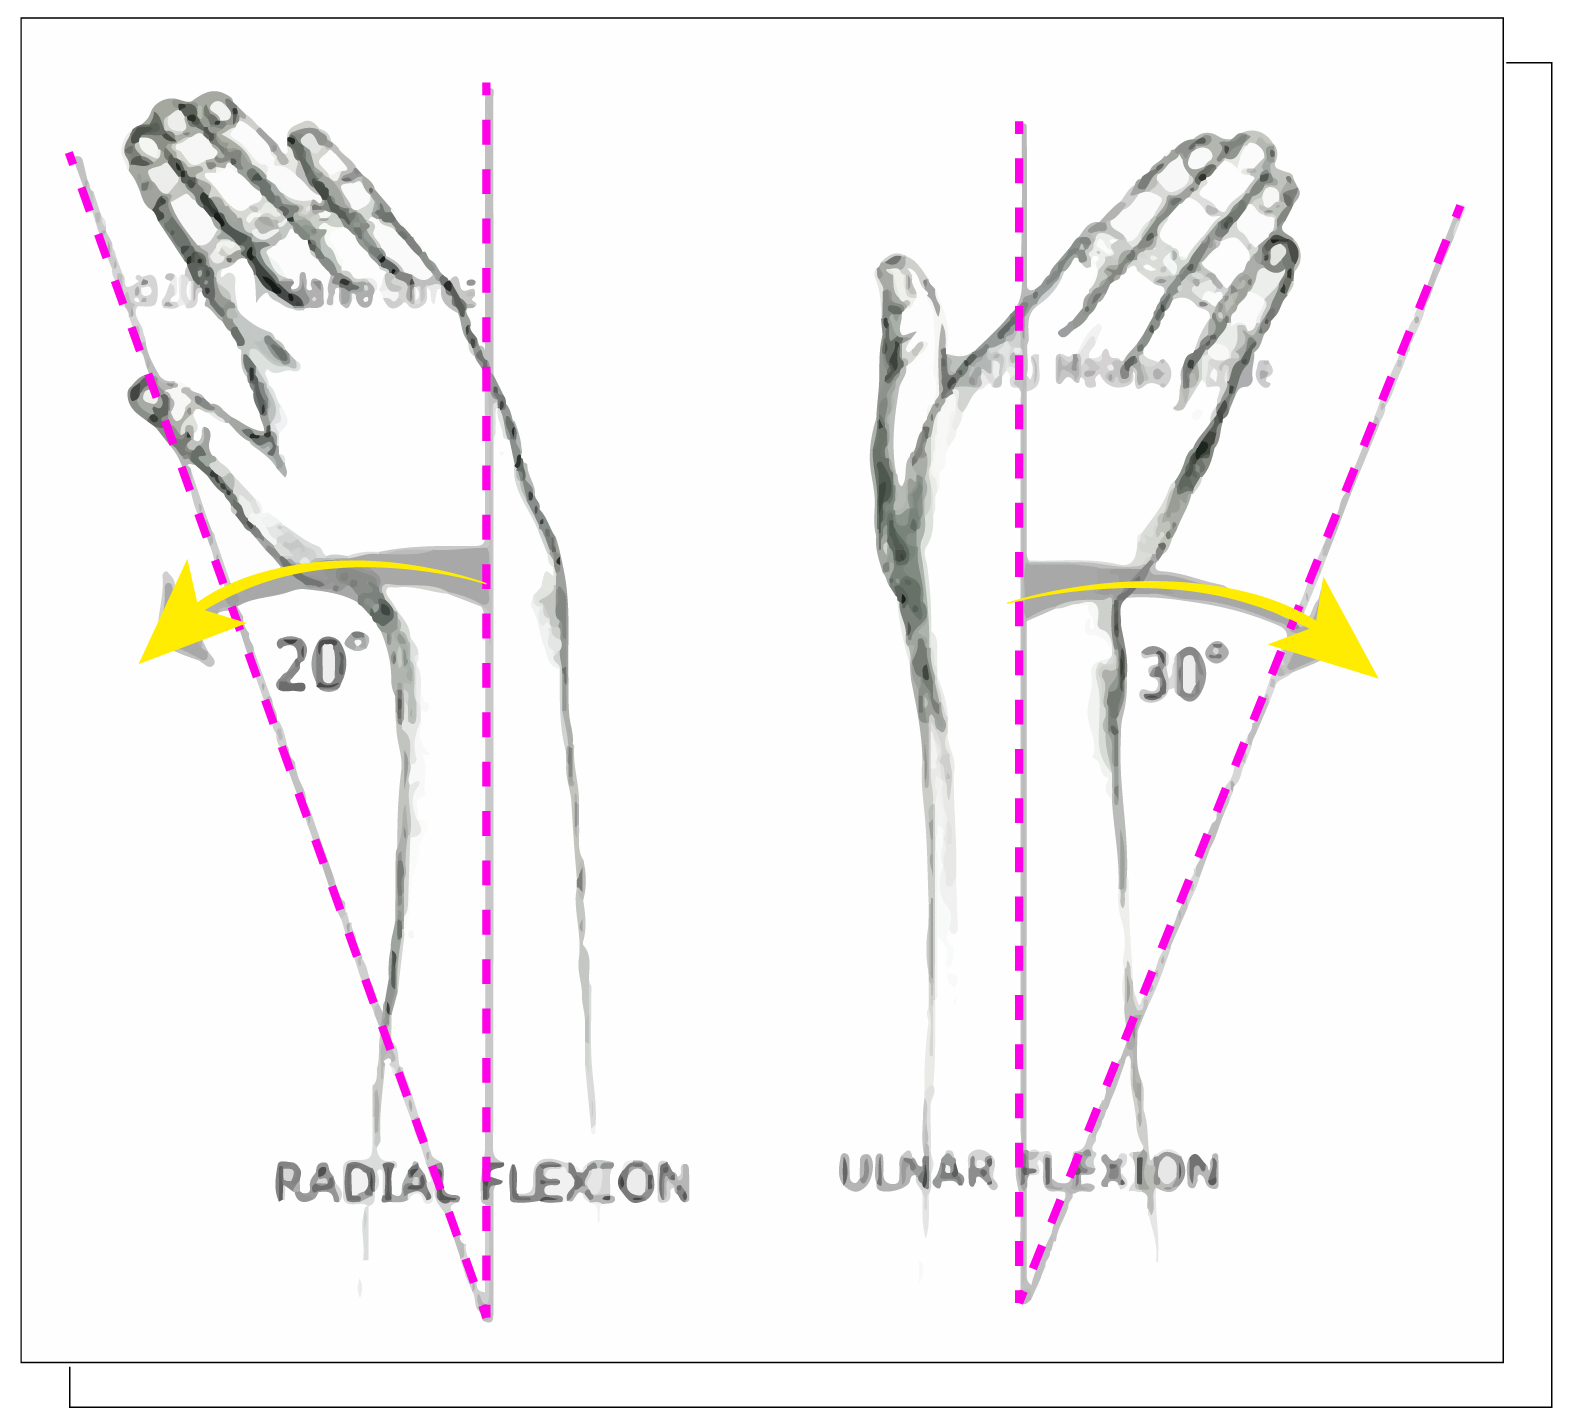 radial-10.jpg